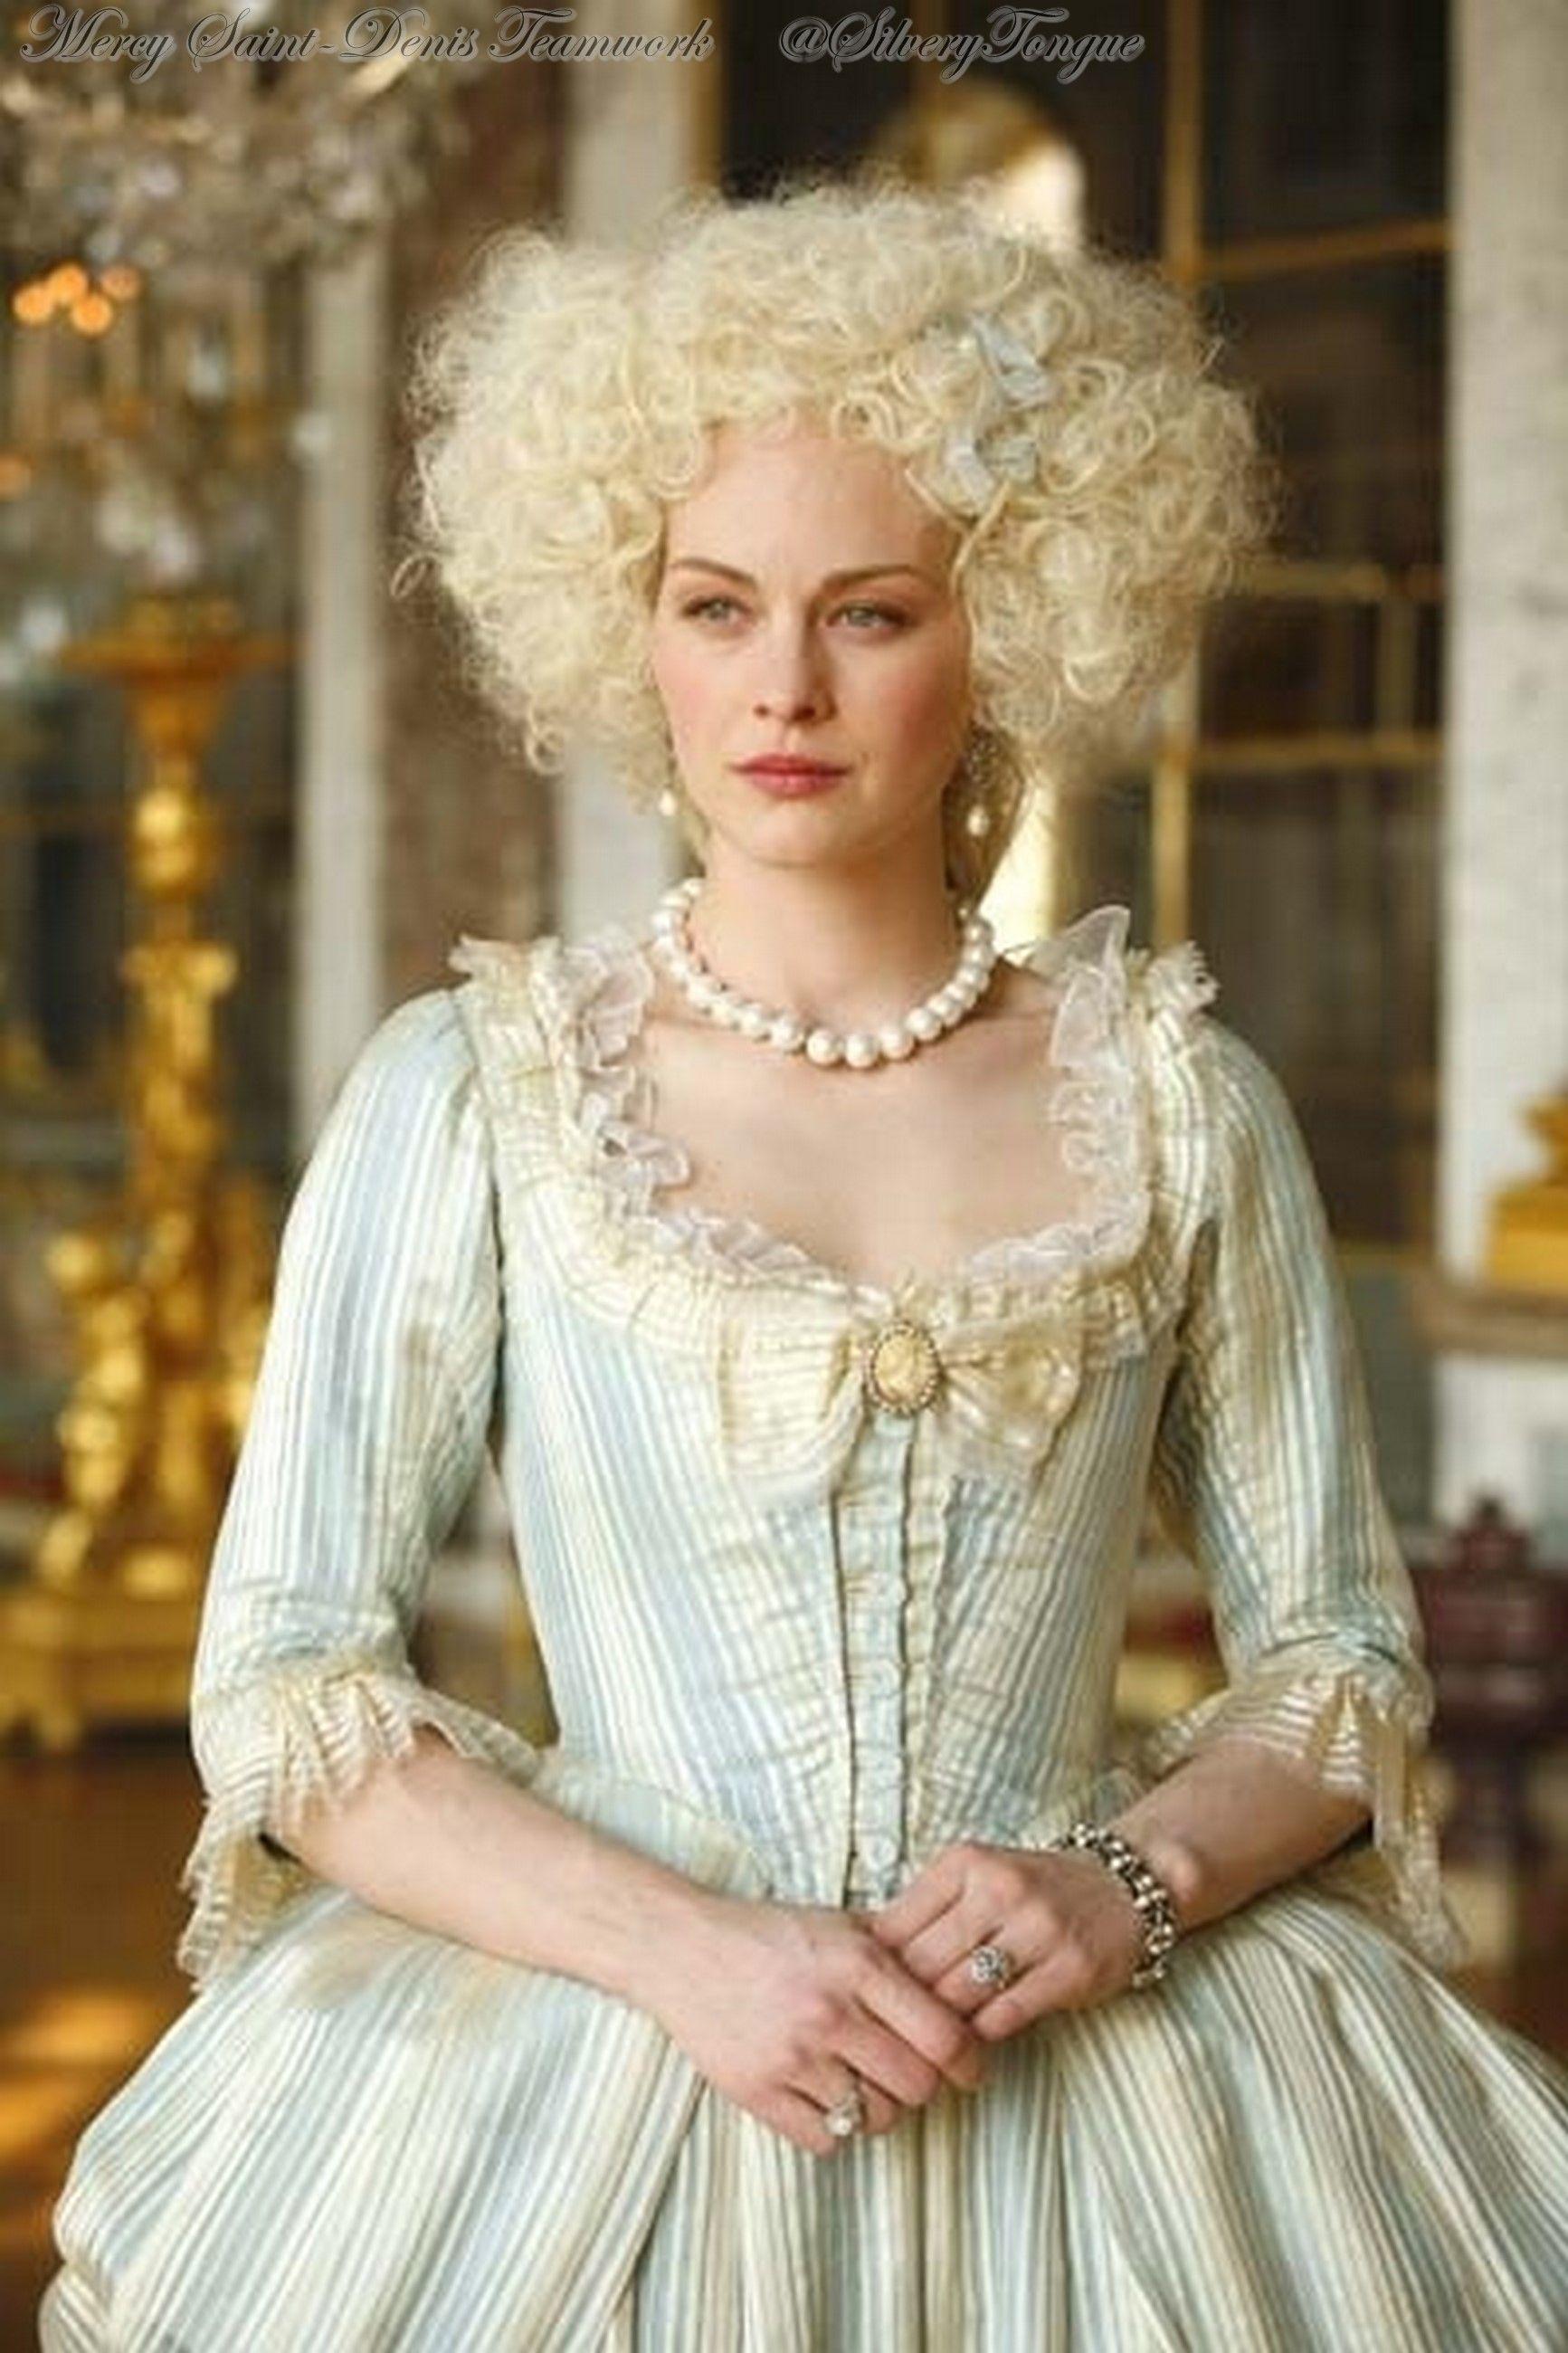 Louis XVI, l'homme qui ne voulait pas être roi (2011). Raphaëlle Agogué as Marie  Antoinette. | Historical dresses, 18th century fashion, 18th century dress